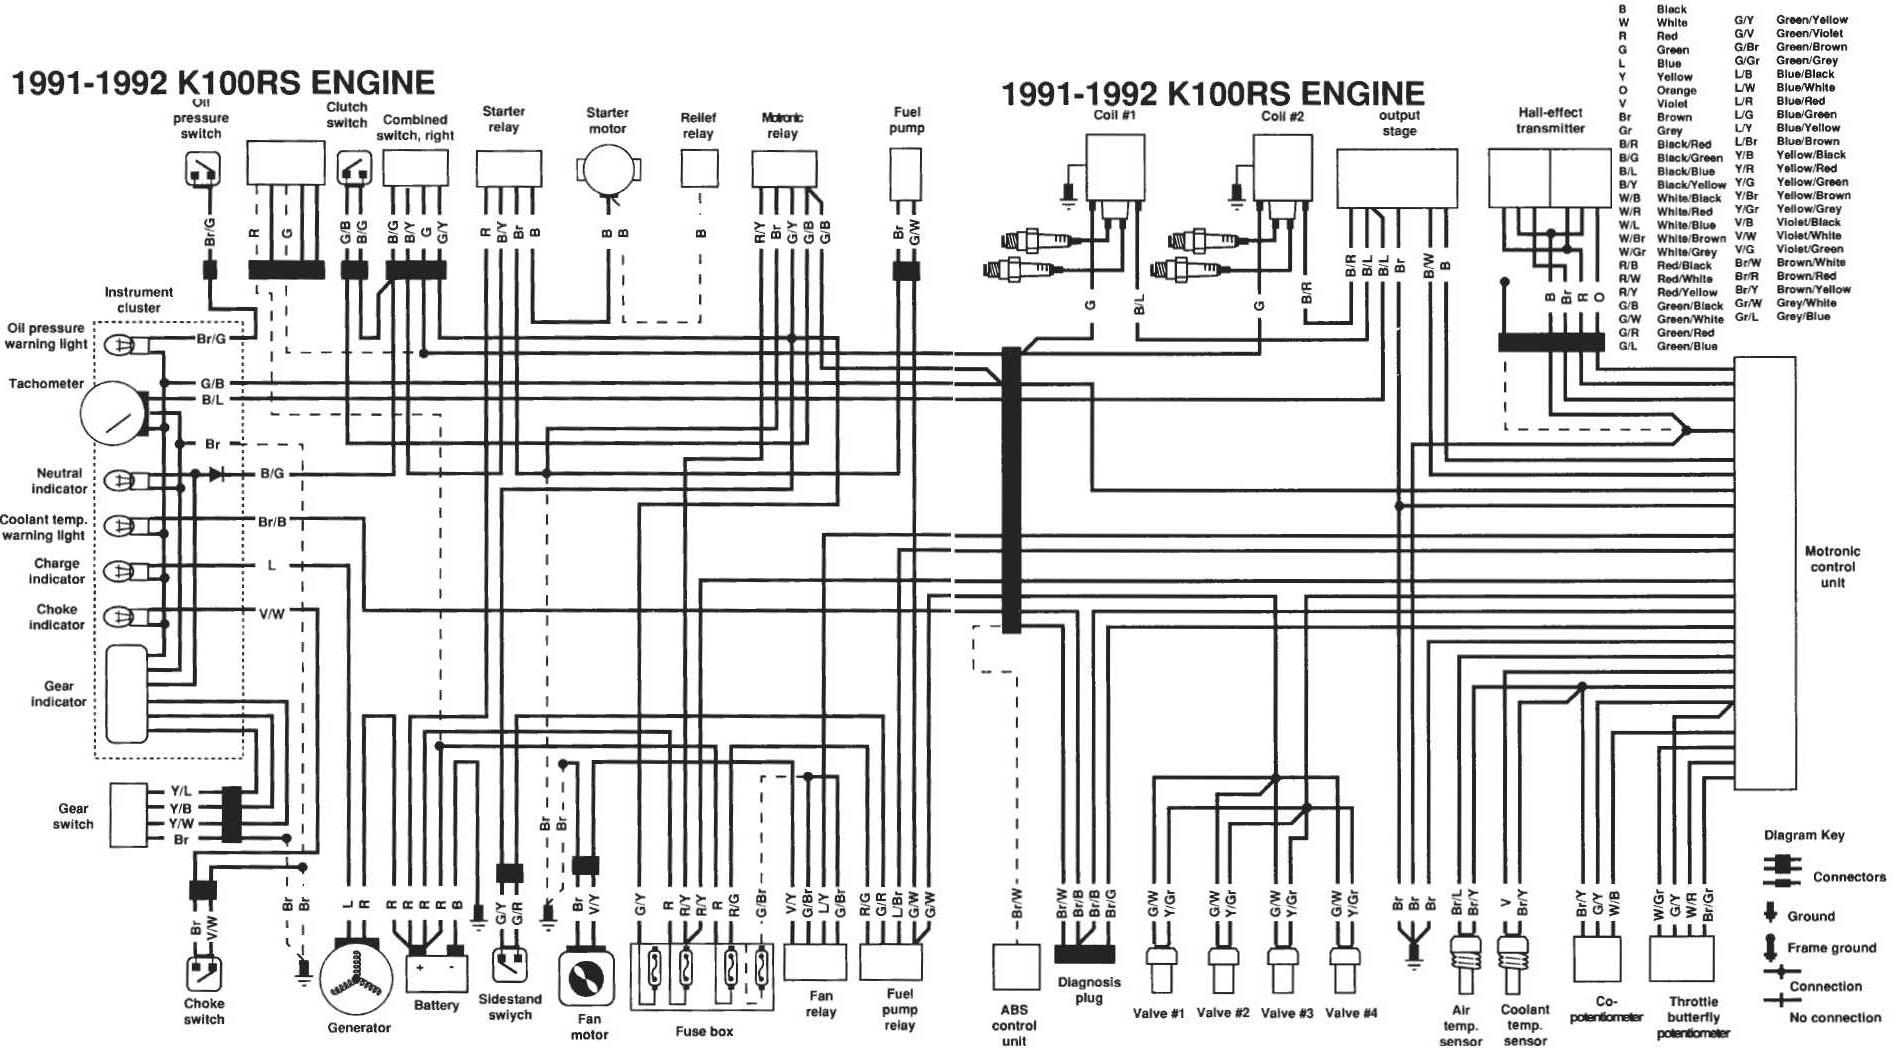 Bmw K 1200 Gt Wiring Diagram - 02 Yamaha R6 Wiring Diagram -  gravely.butuhbelaian2.jeanjaures37.fr | Bmw K1200gt Wiring Diagram |  | Wiring Diagram Resource